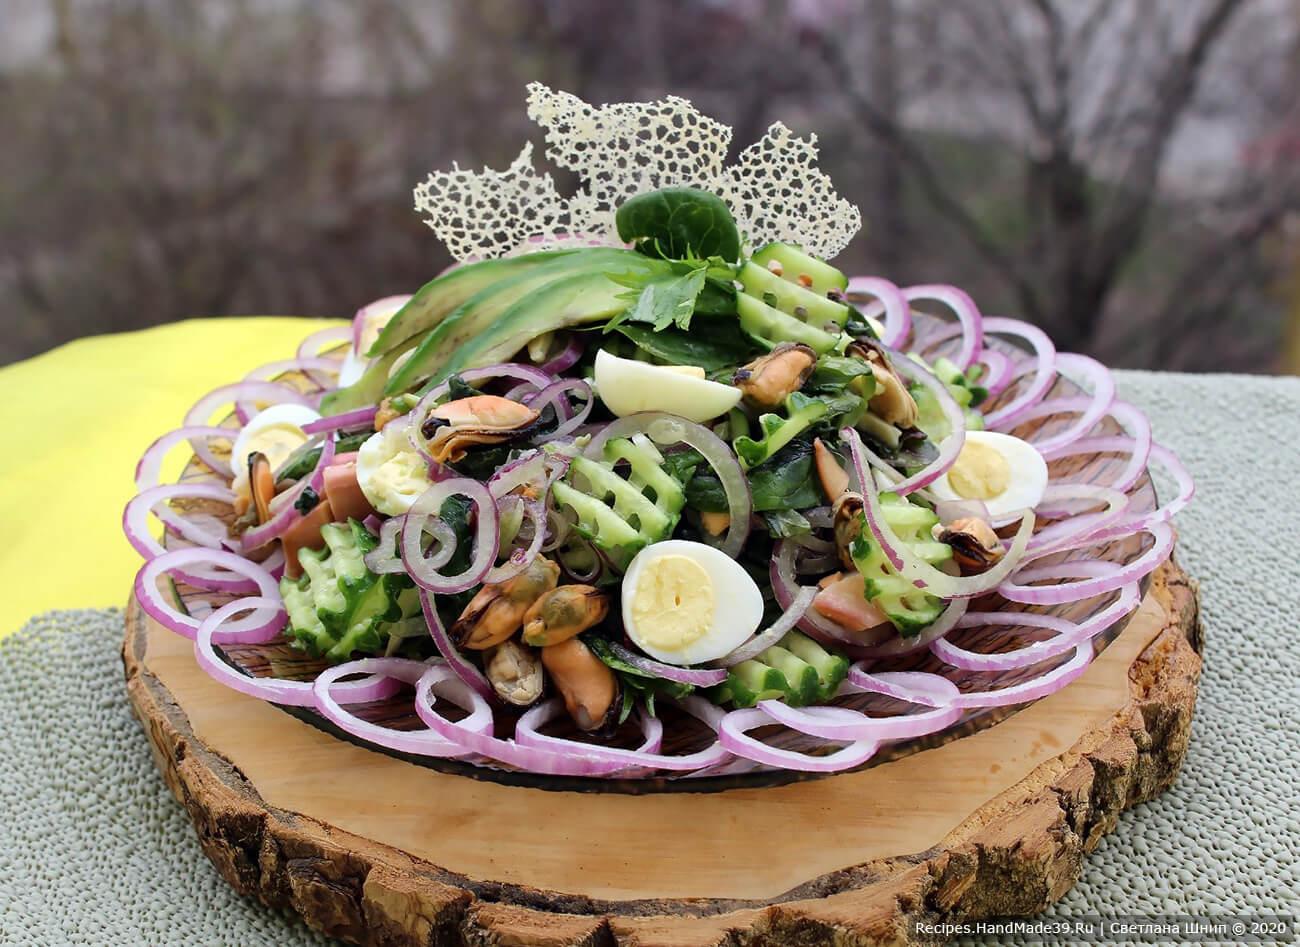 Салат с морским коктейлем и авокадо – пошаговый кулинарный рецепт с фото